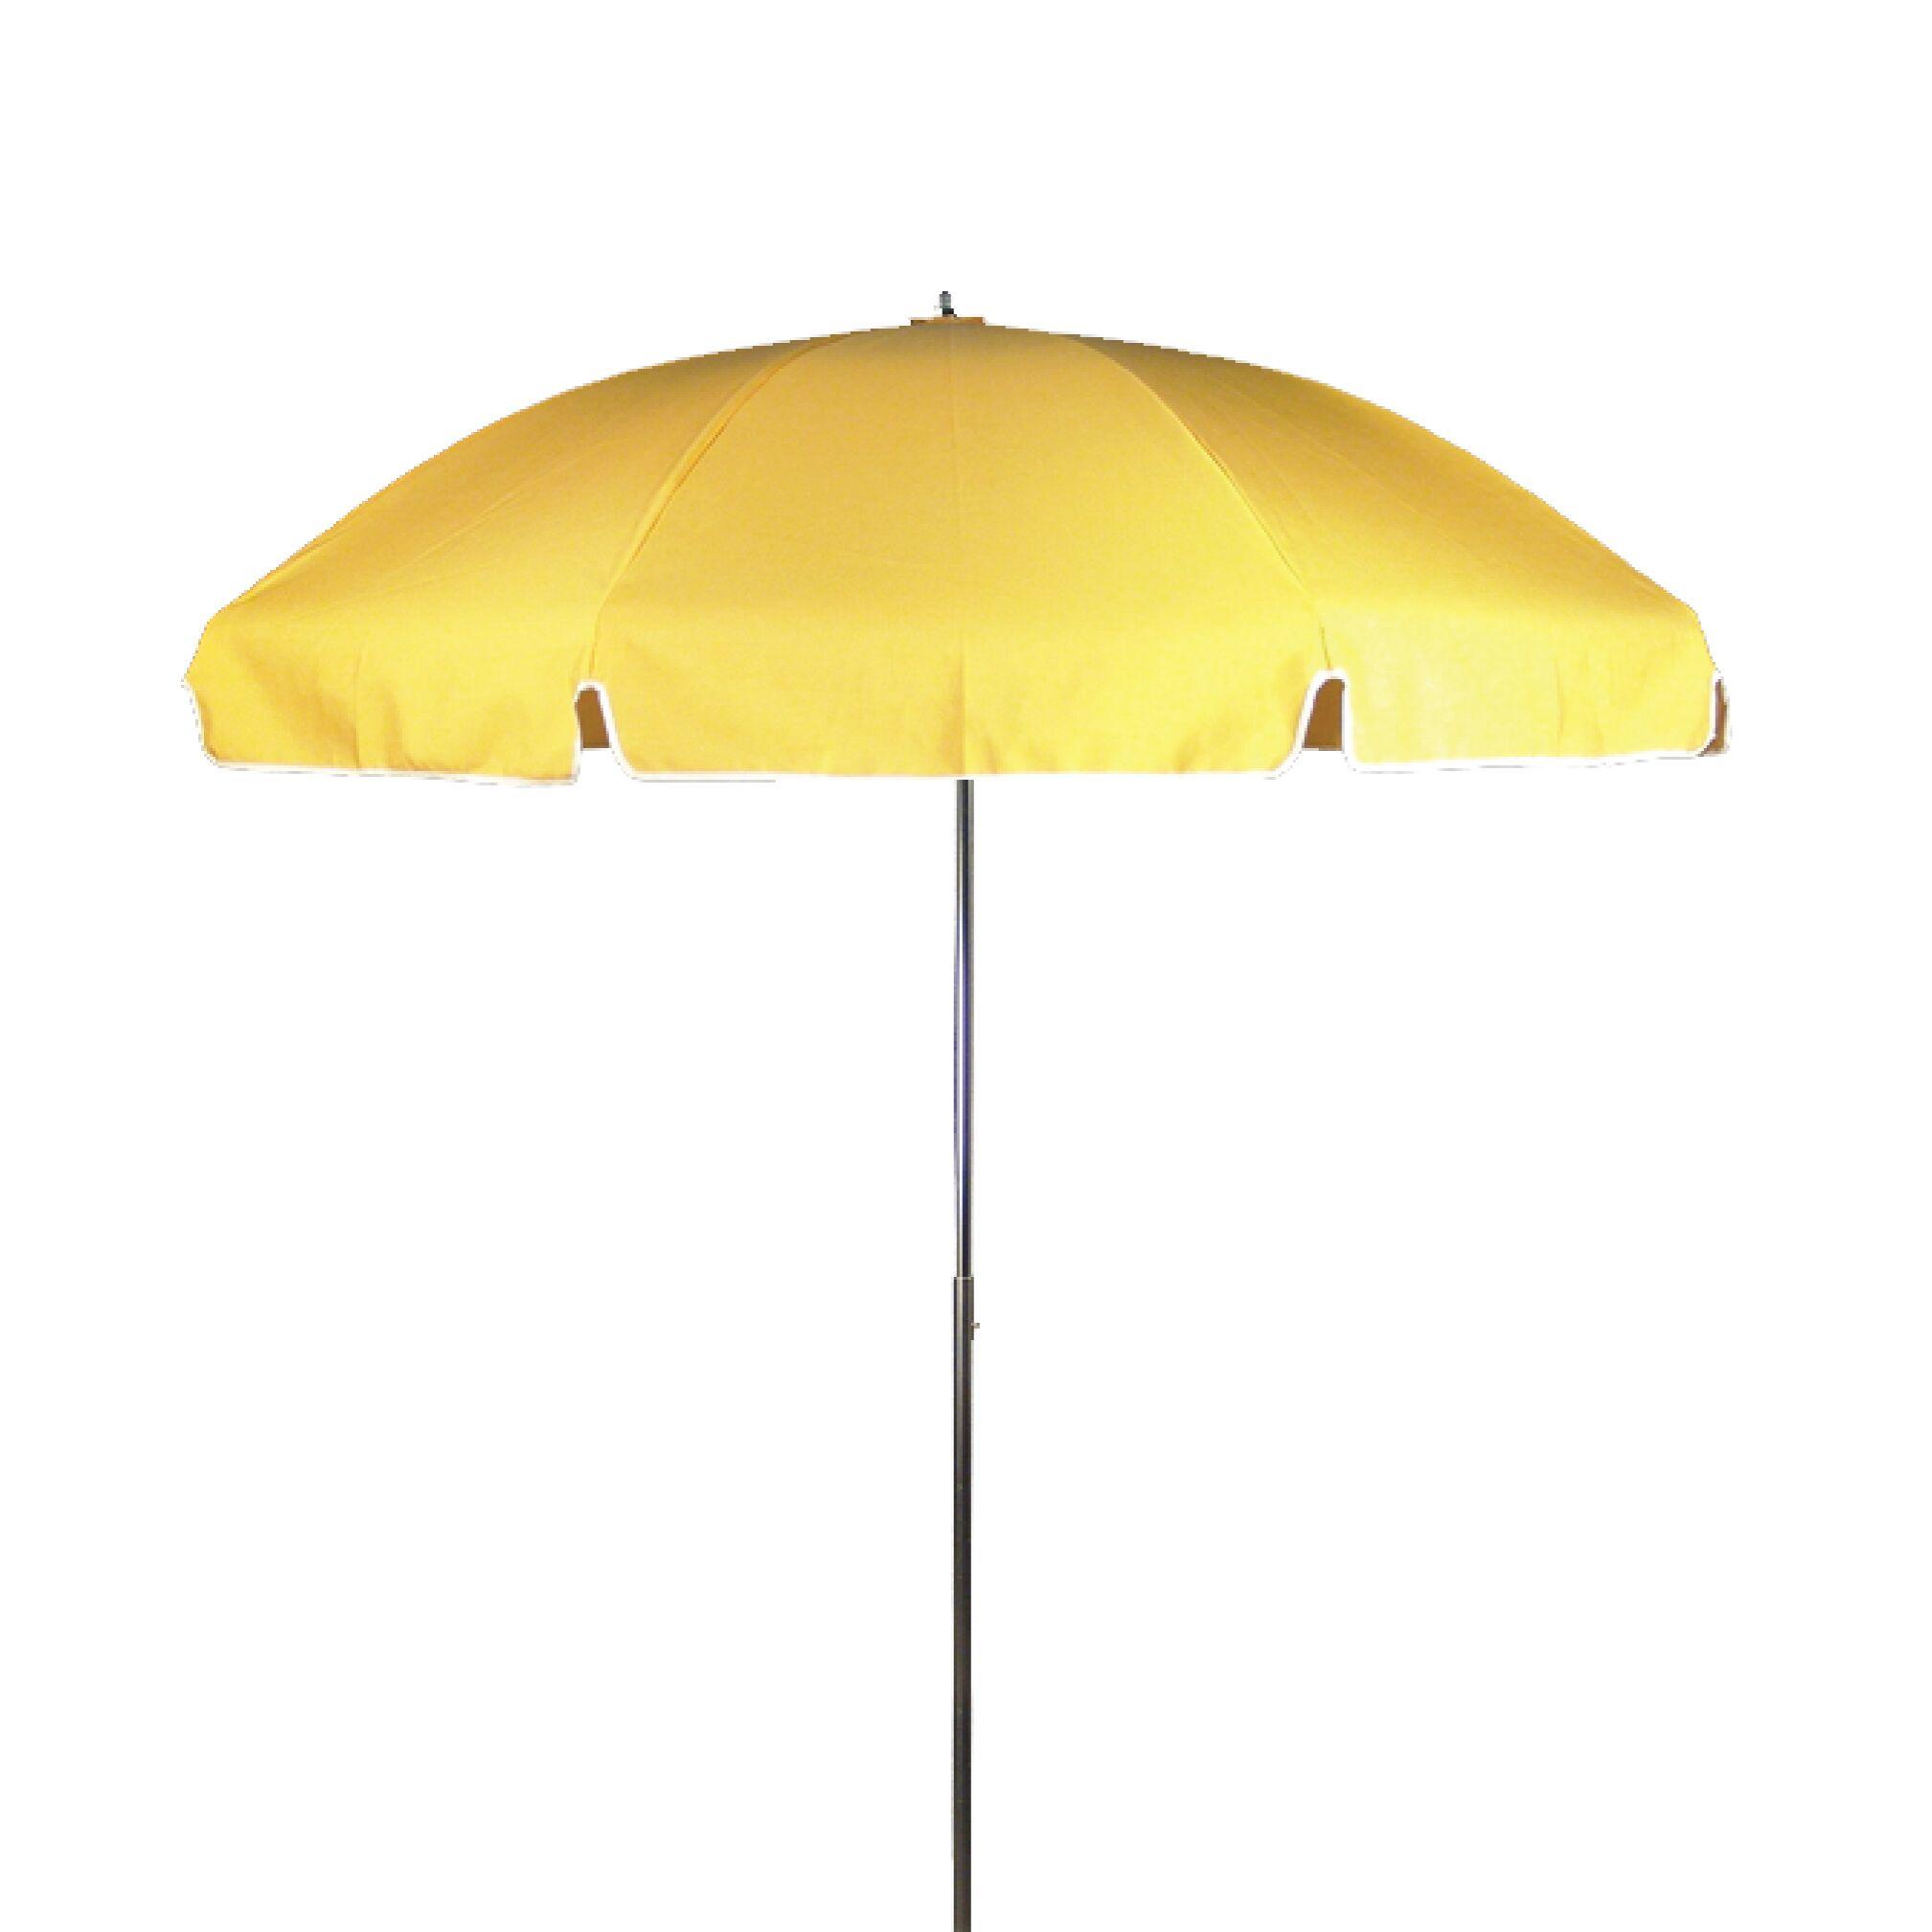 7.5' Drape Umbrella Fabric: Sunflower Yellow